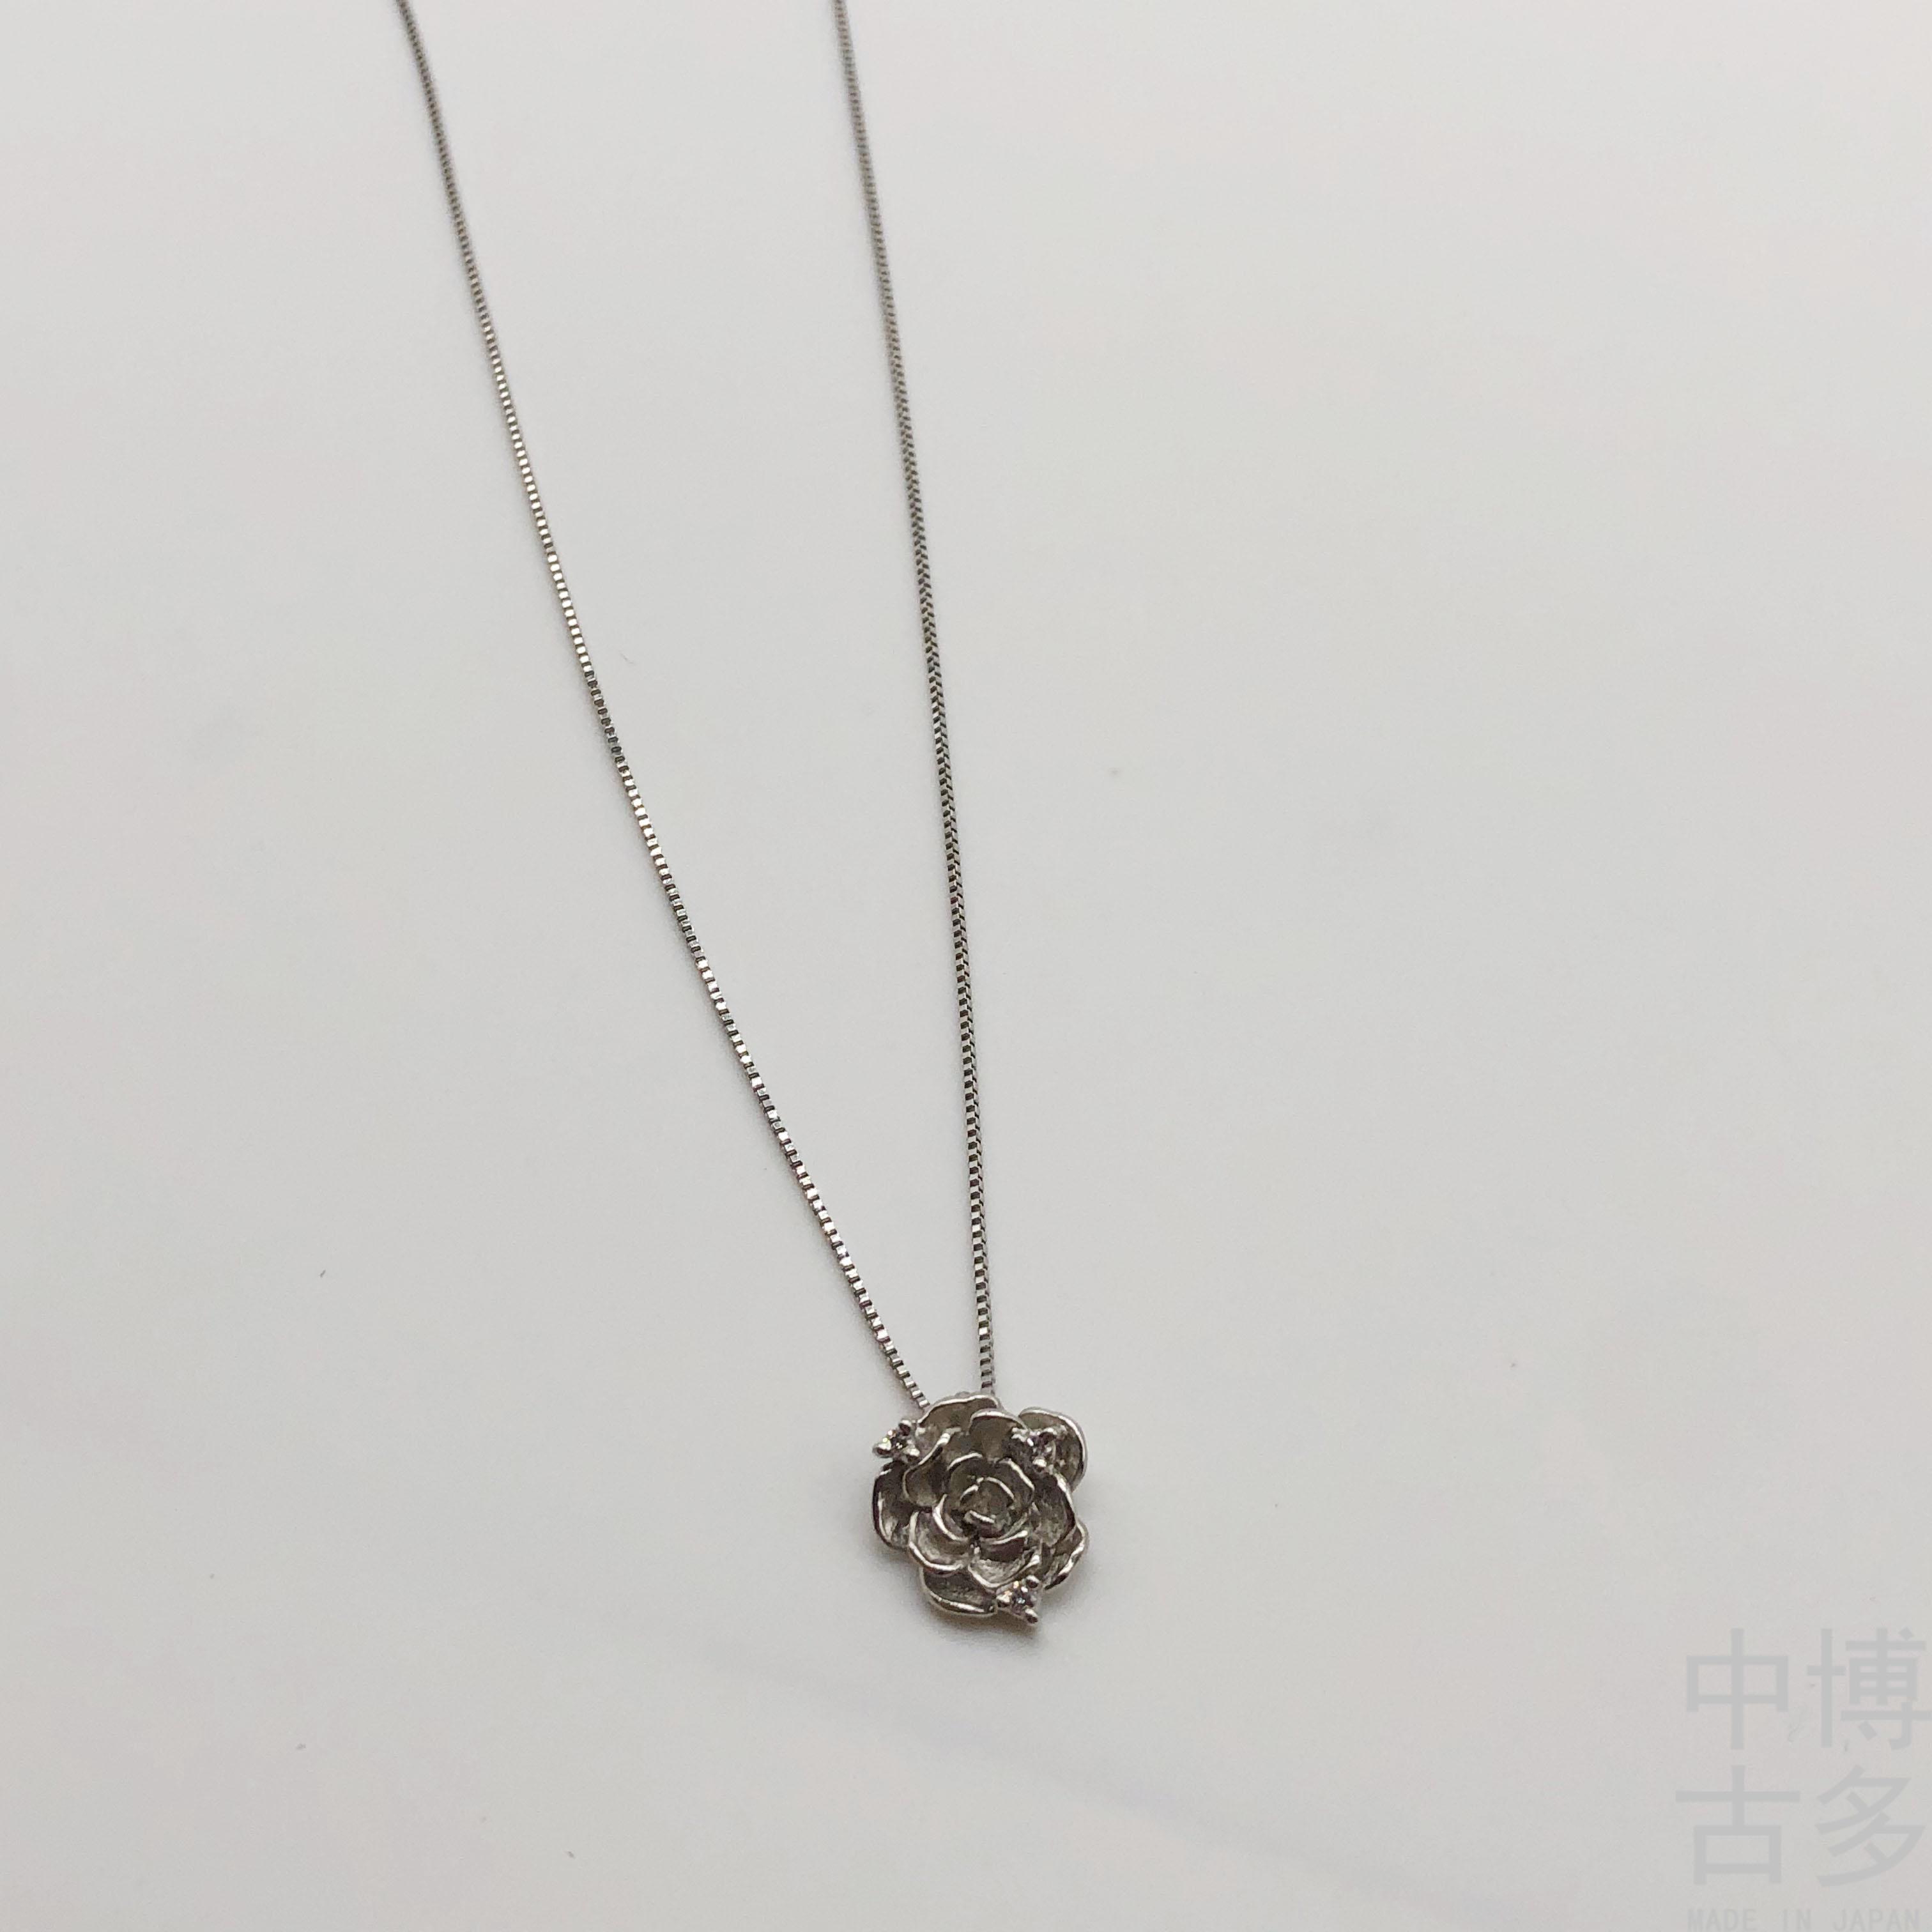 顺丰秒发日本中古PT900/850铂金钻石项链 花朵造型 轻奢首饰珠宝